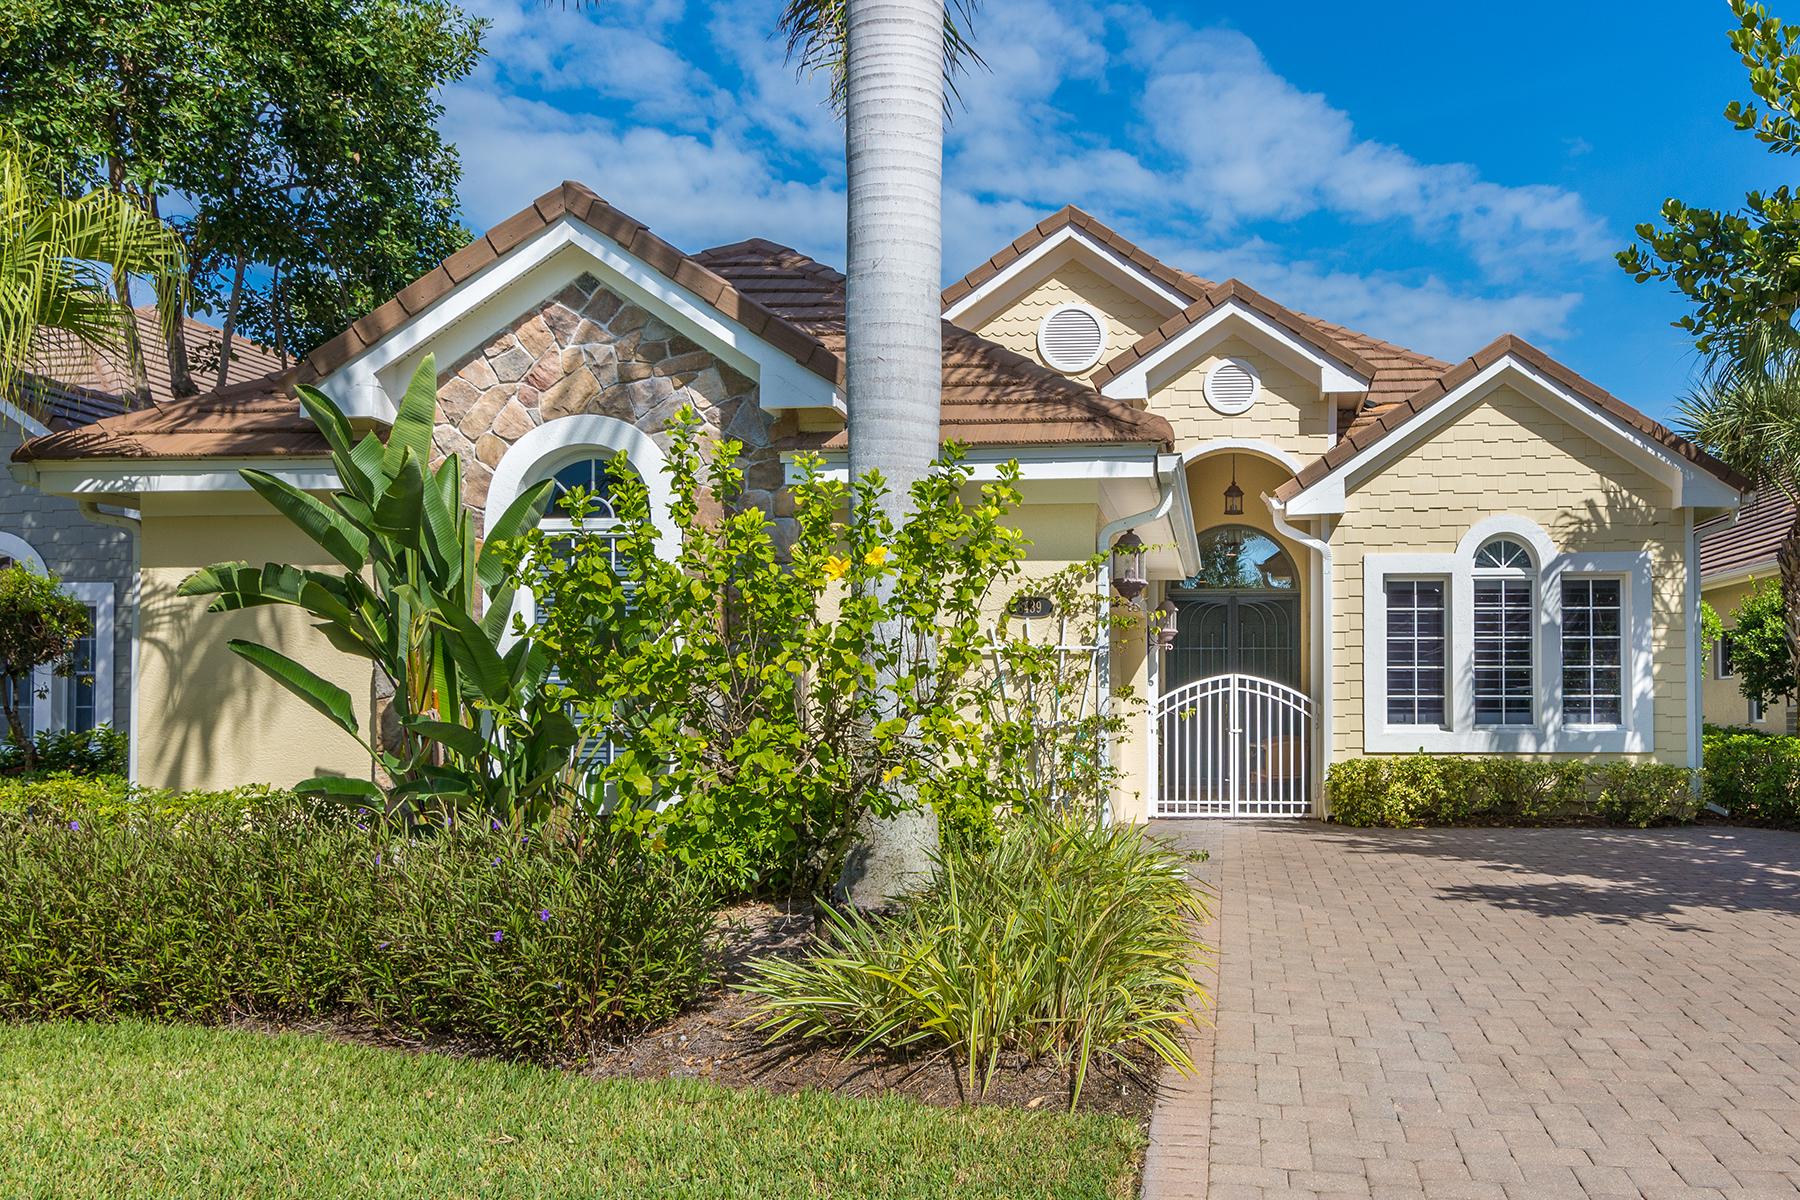 一戸建て のために 売買 アット FIDDLER'S CREEK - MALLARD'S LANDING 8439 Mallards Way Naples, フロリダ 34114 アメリカ合衆国